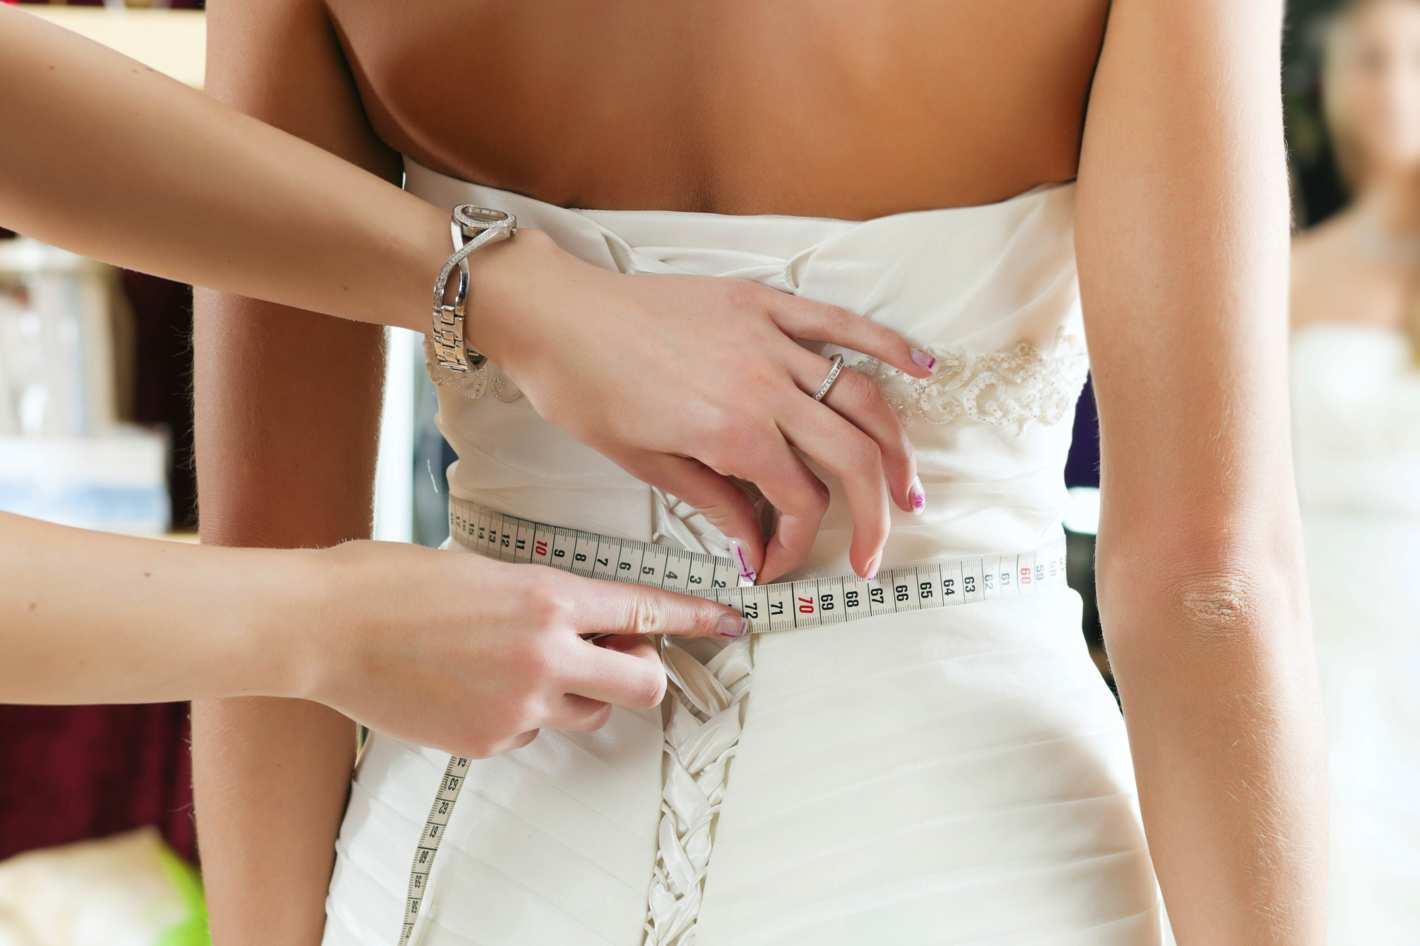 Como a noiva pode aproveitar as festas de fim de ano sem sair da dieta